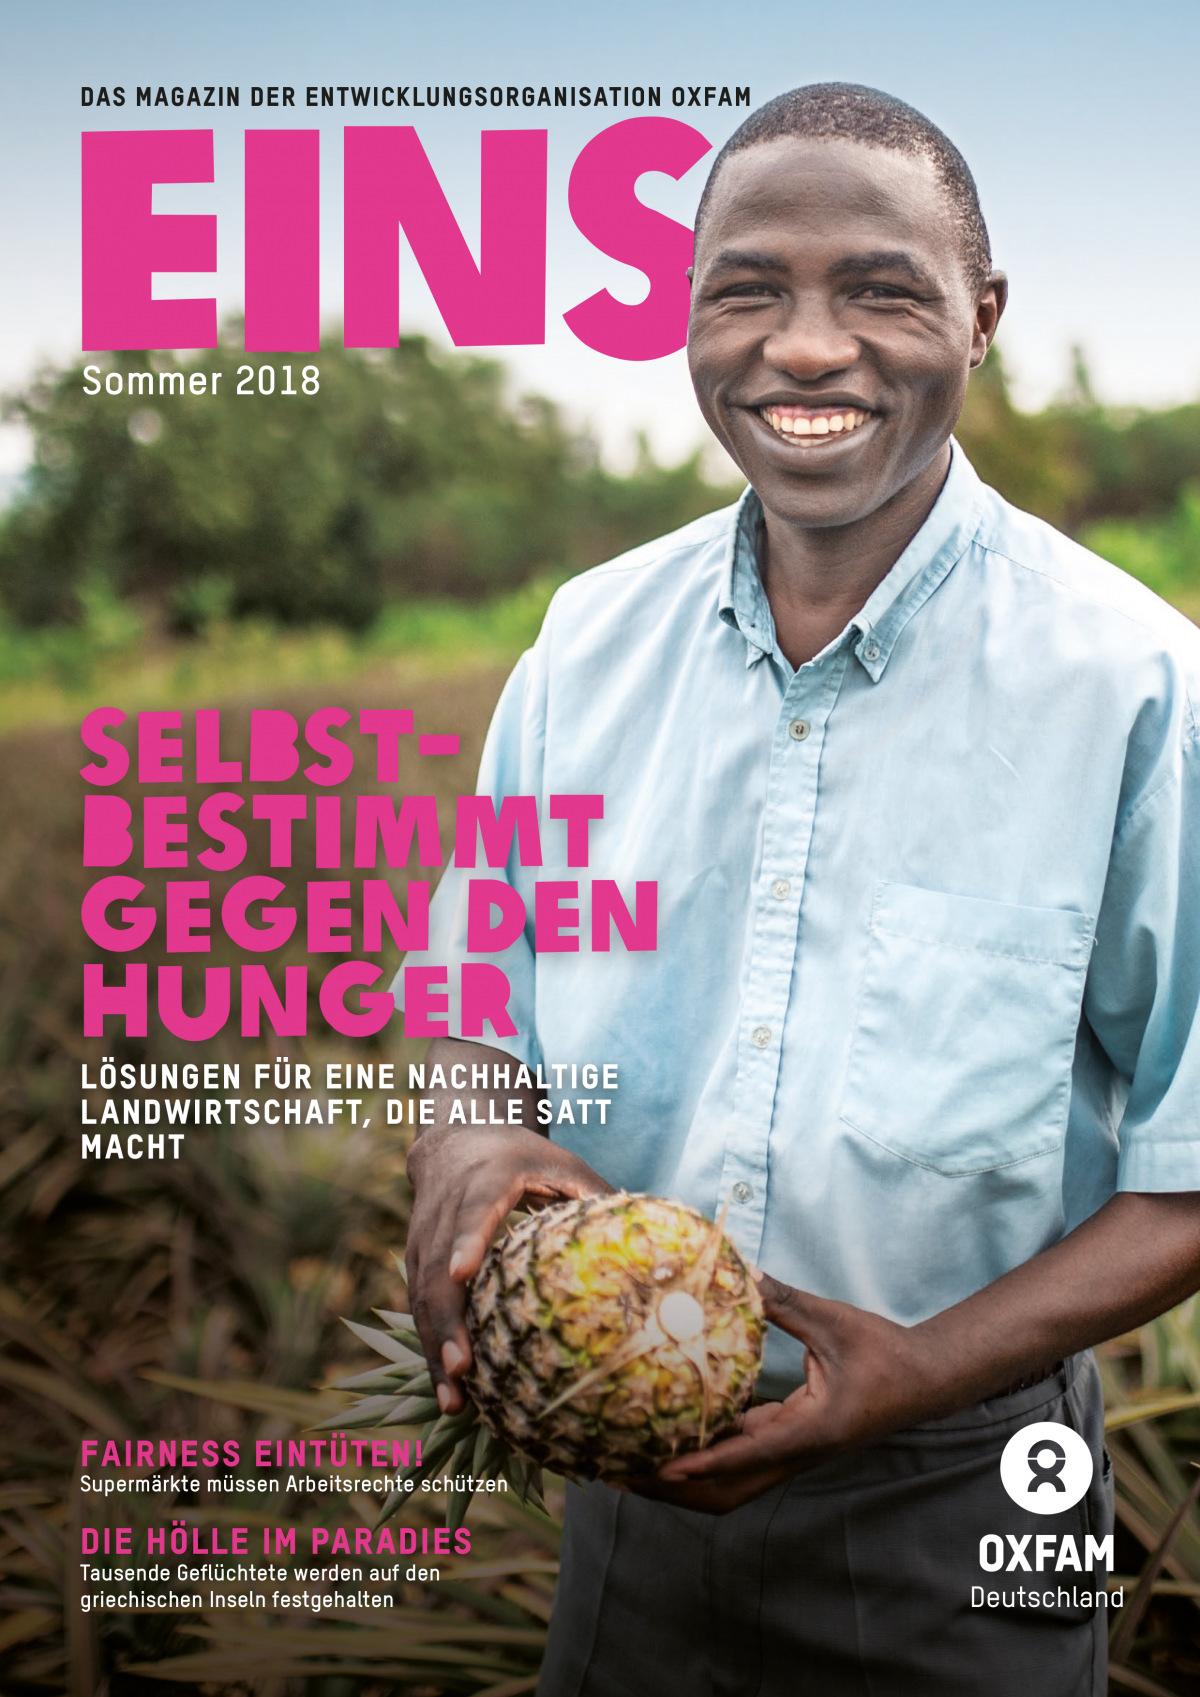 Titelbild vom Oxfam-Magazin EINS (Sommer 2018)